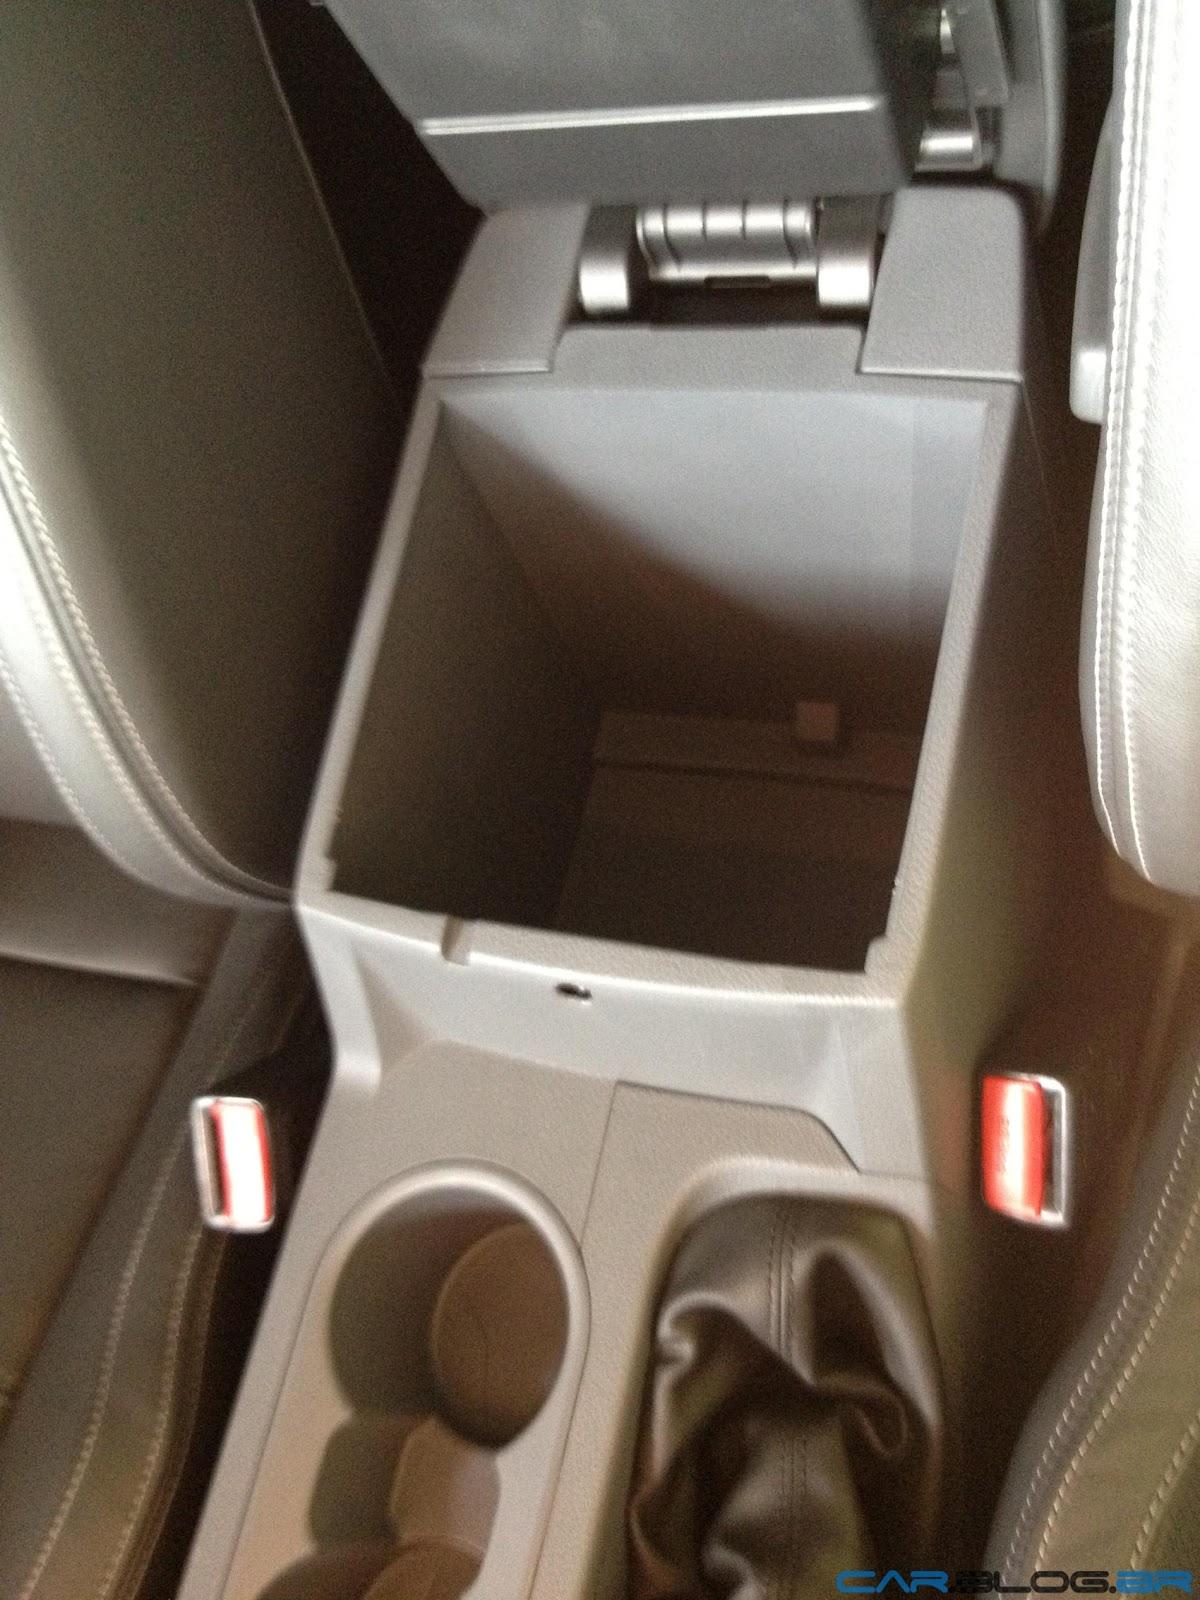 Ford Ranger XLT 32 Diesel Prata Fotos Vdeo Preo E